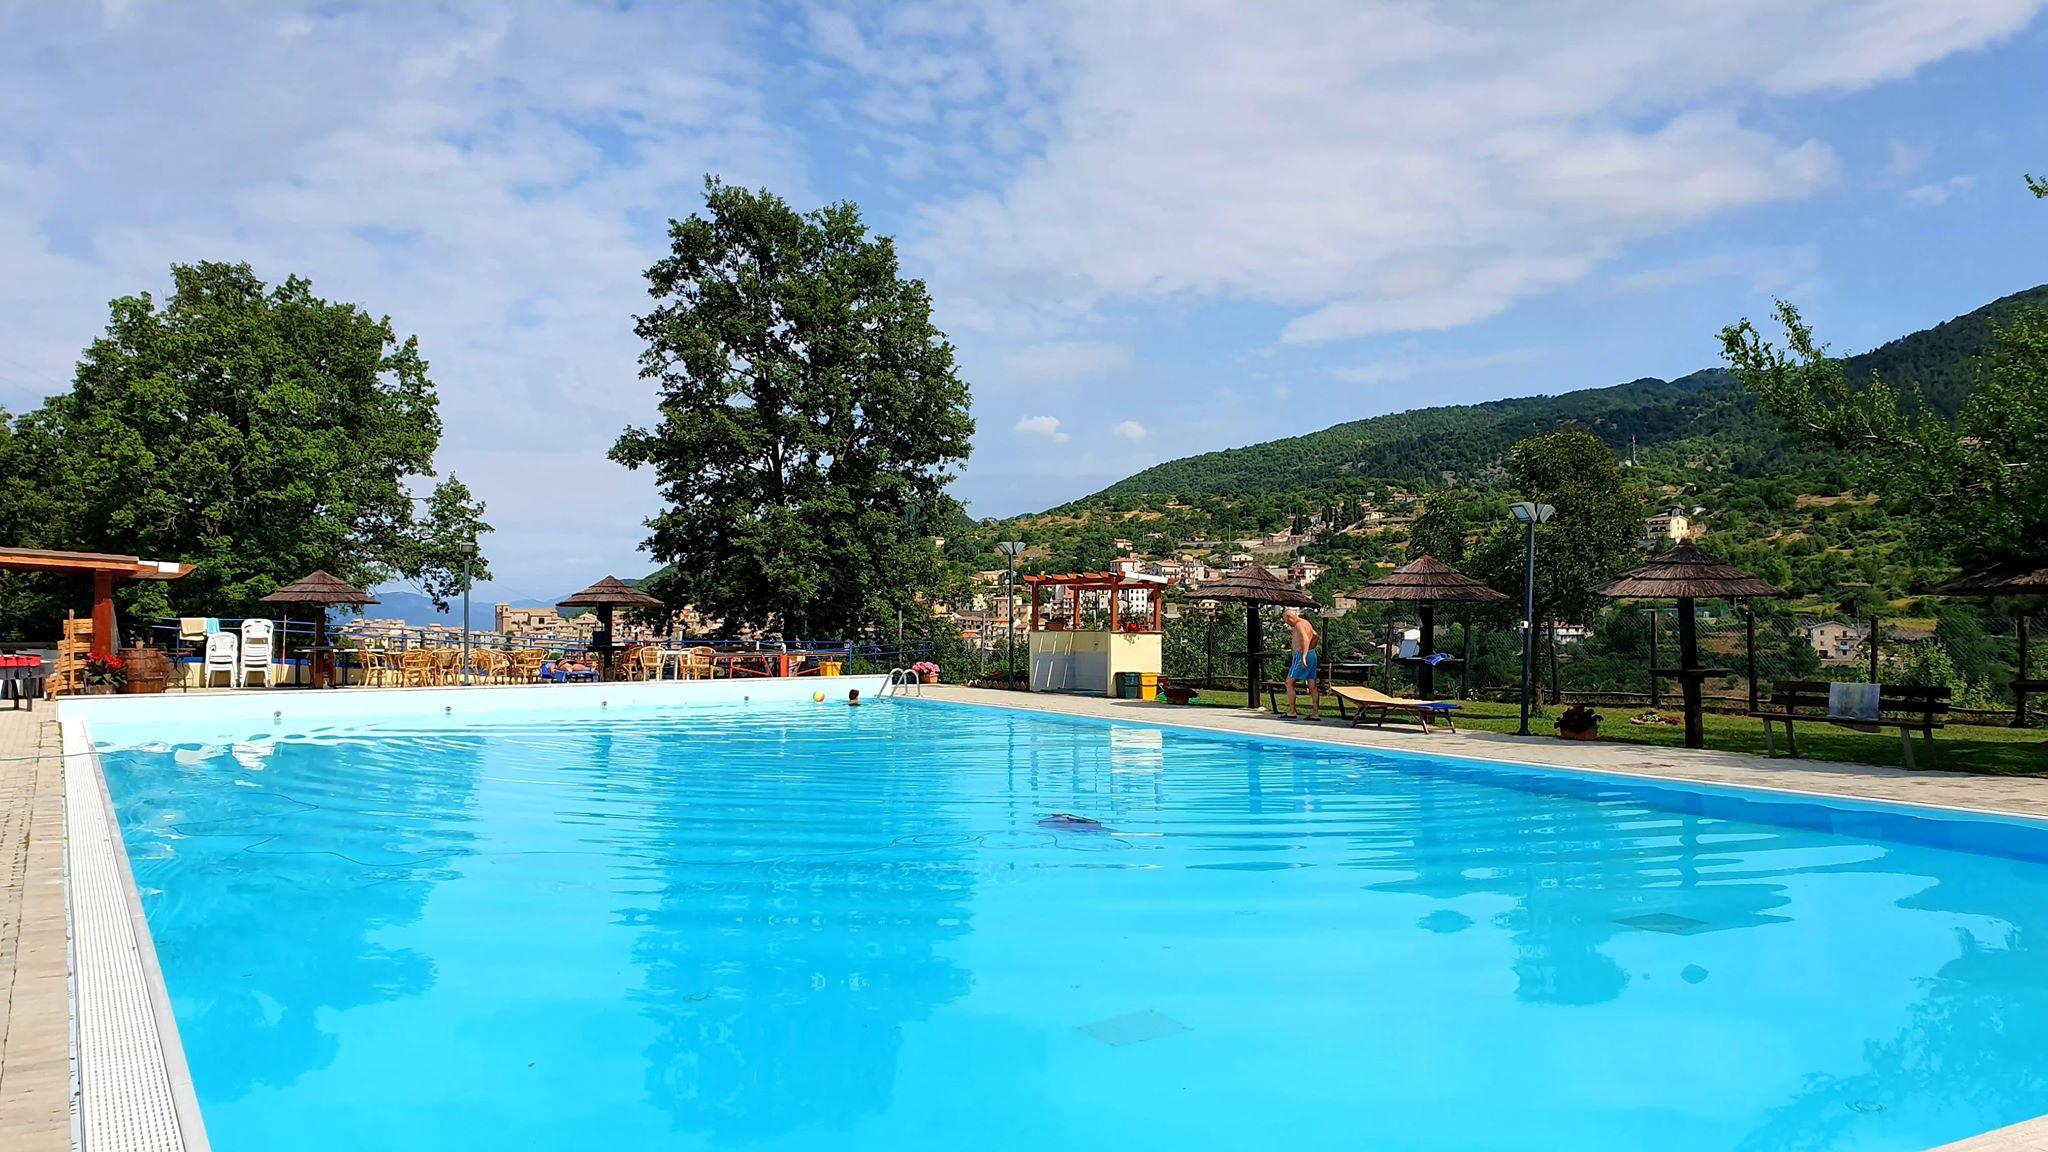 Al Lescuso di Jenne una estate tutta da vivere: relax, cultura, ambiente, percorsi, grest per ragazzi